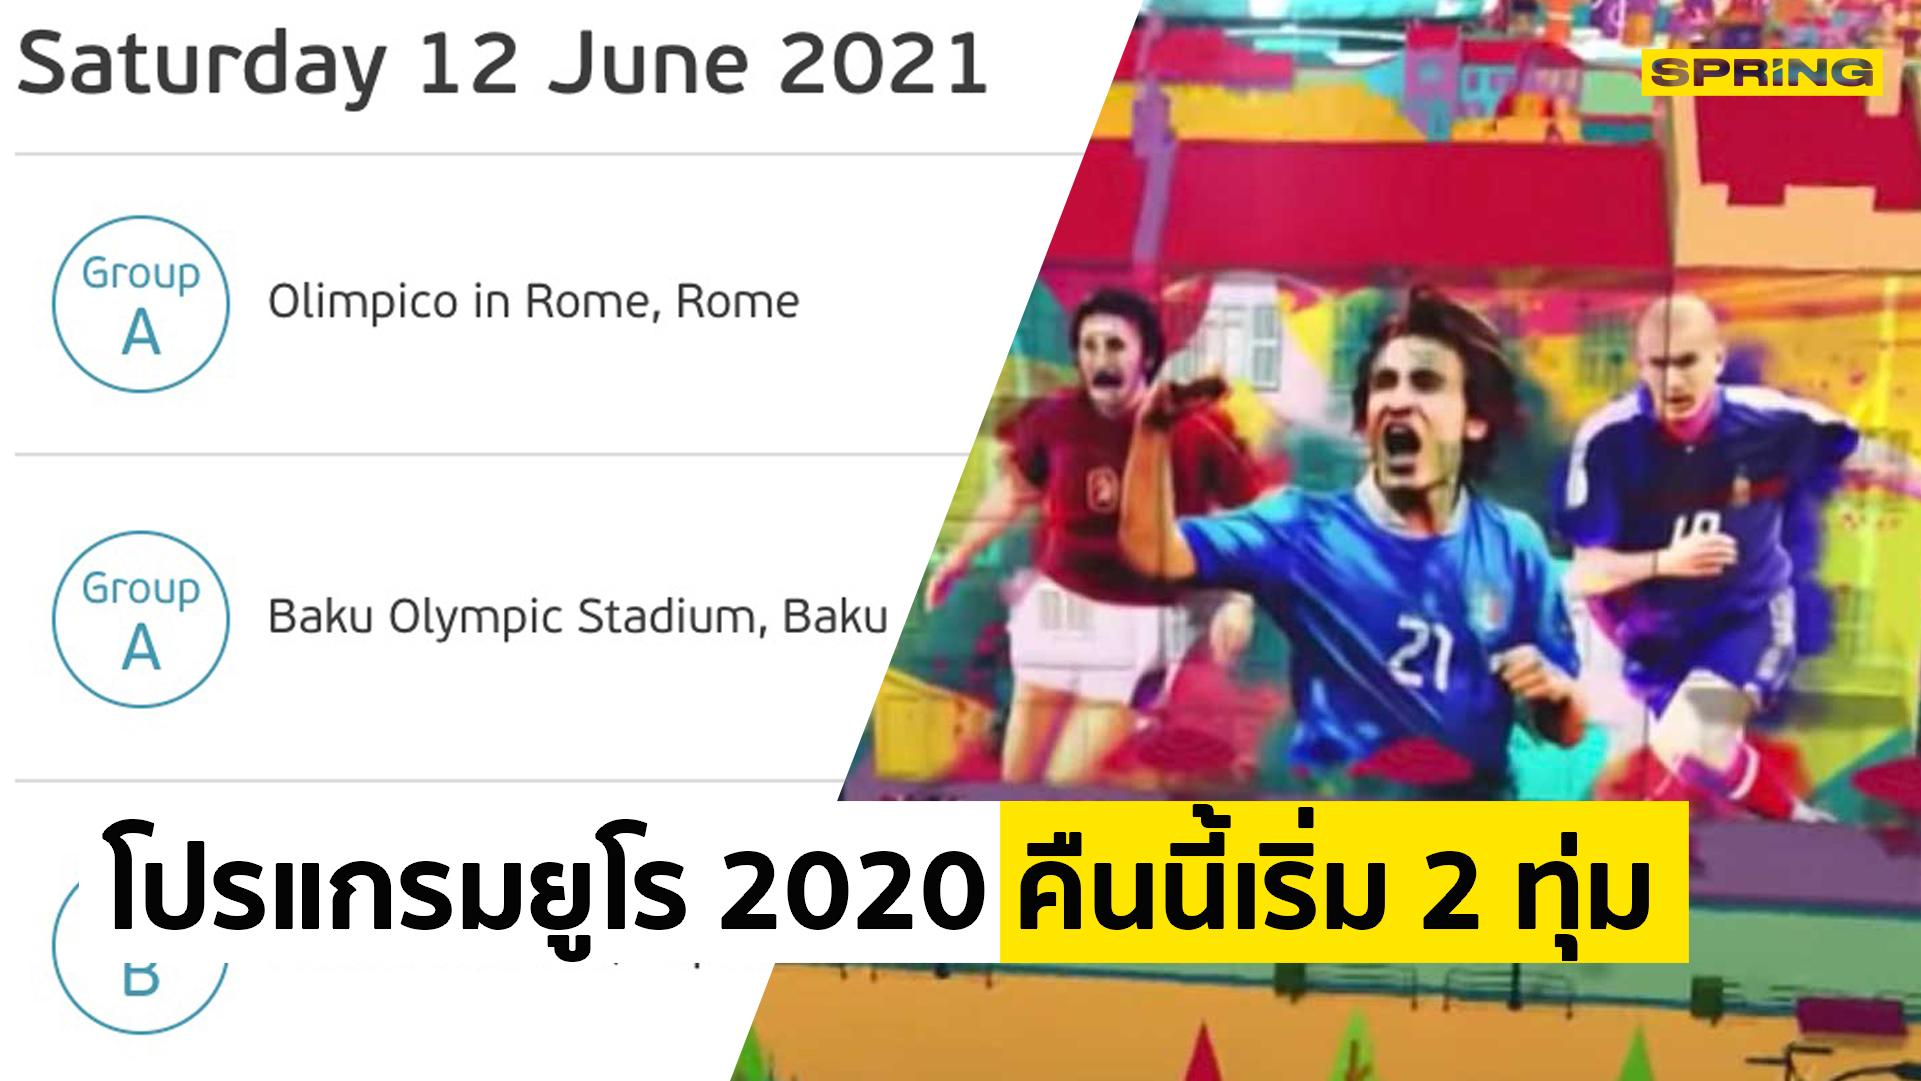 ตารางบอลยูโร 2020 วันนี้ โปรแกรมบอล 12 มิ.ย. 2564 3 คู่ เริ่มเวลา 20.00 น.